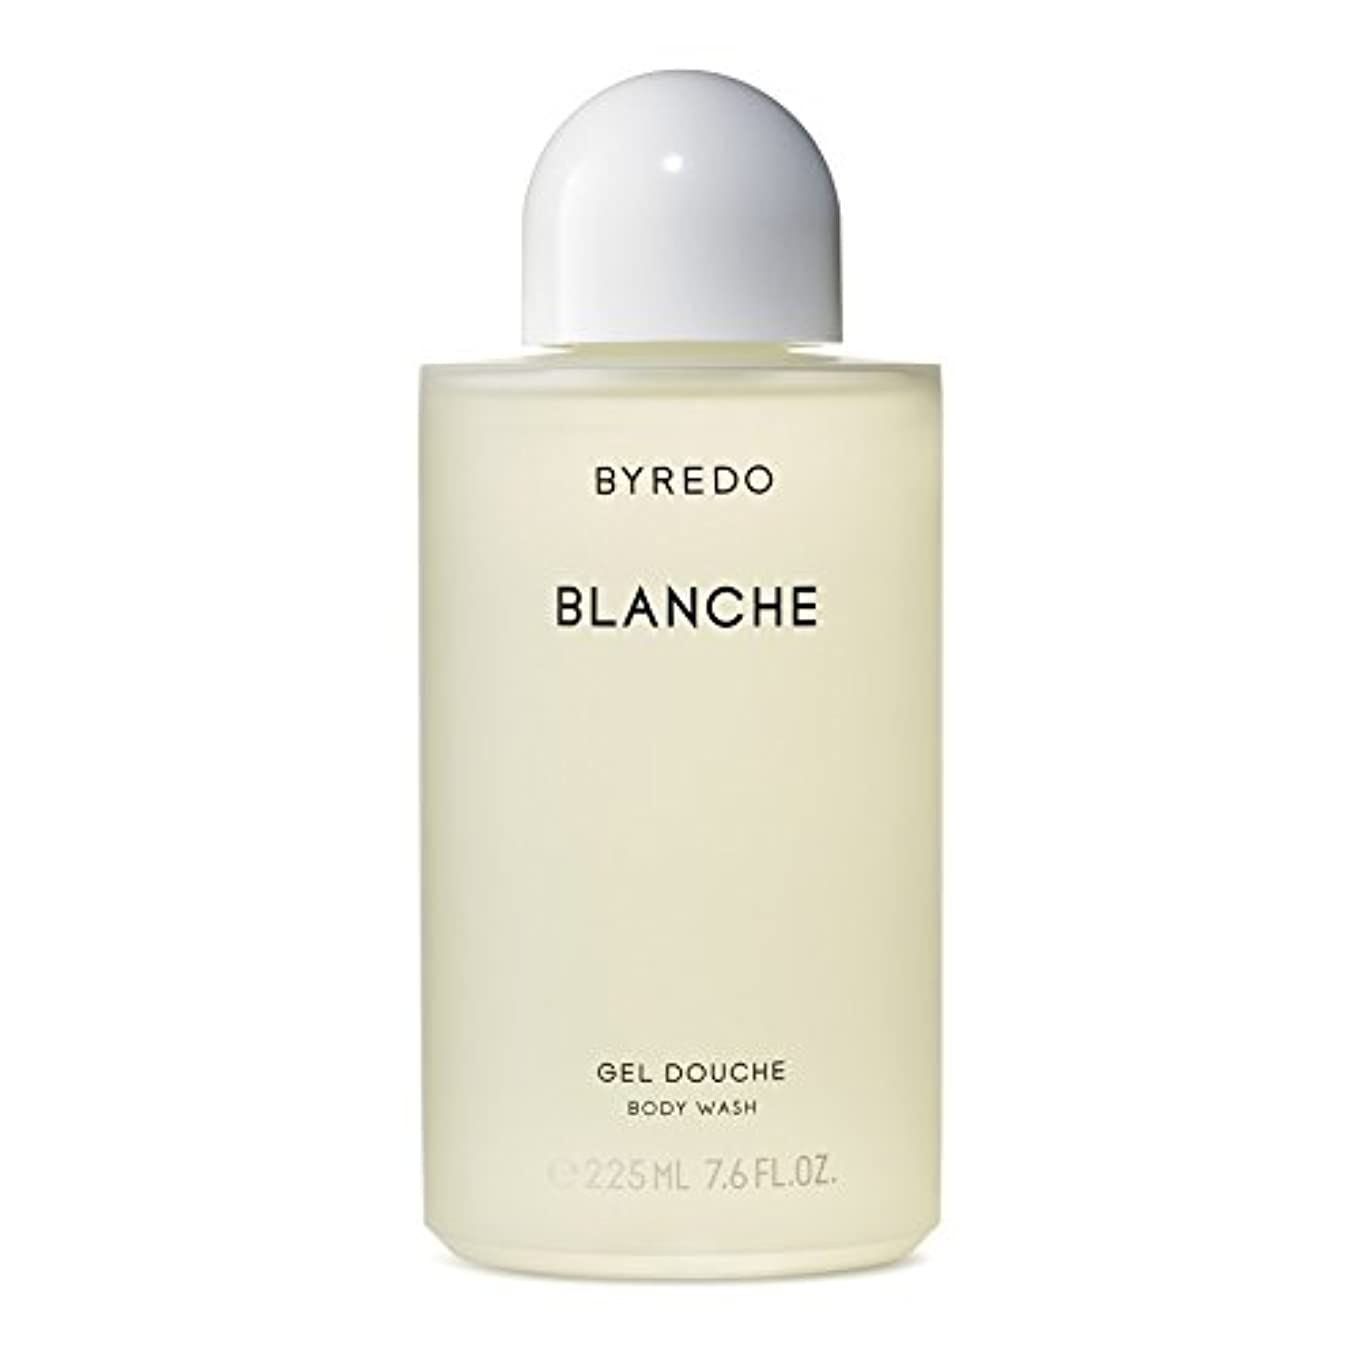 常習者素晴らしいですノートByredo Blanche Body Wash 225ml - ブランシュボディウォッシュ225ミリリットル [並行輸入品]